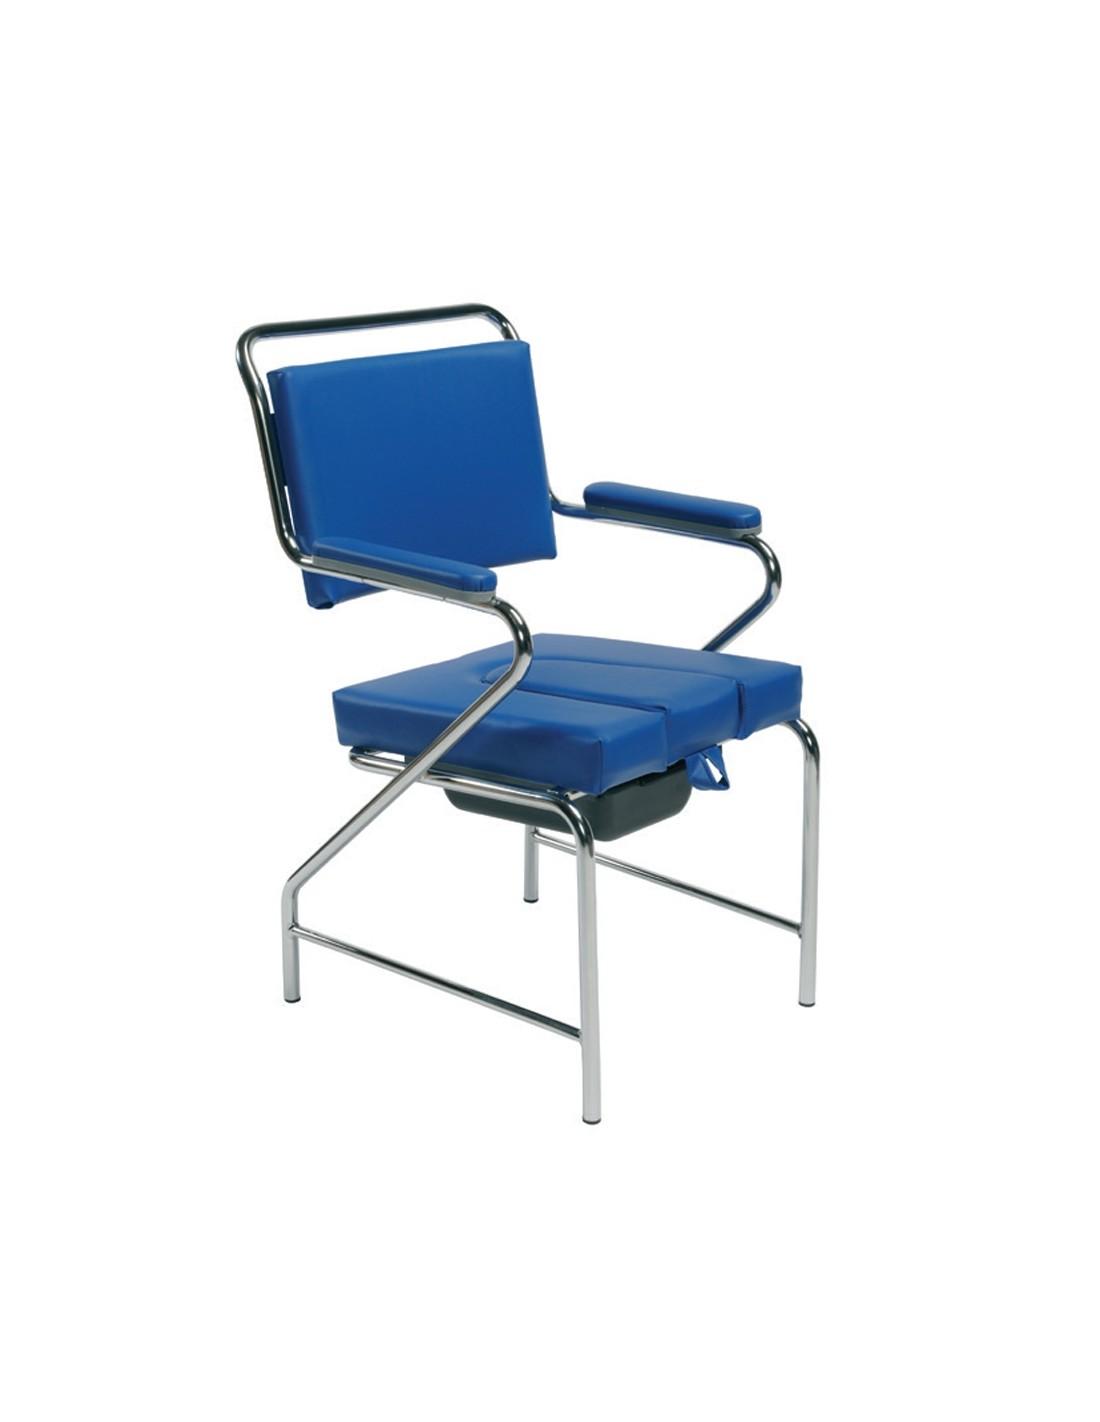 SEDIA COMODA CON WC VC 001 - Sanitaria e Ortopedia